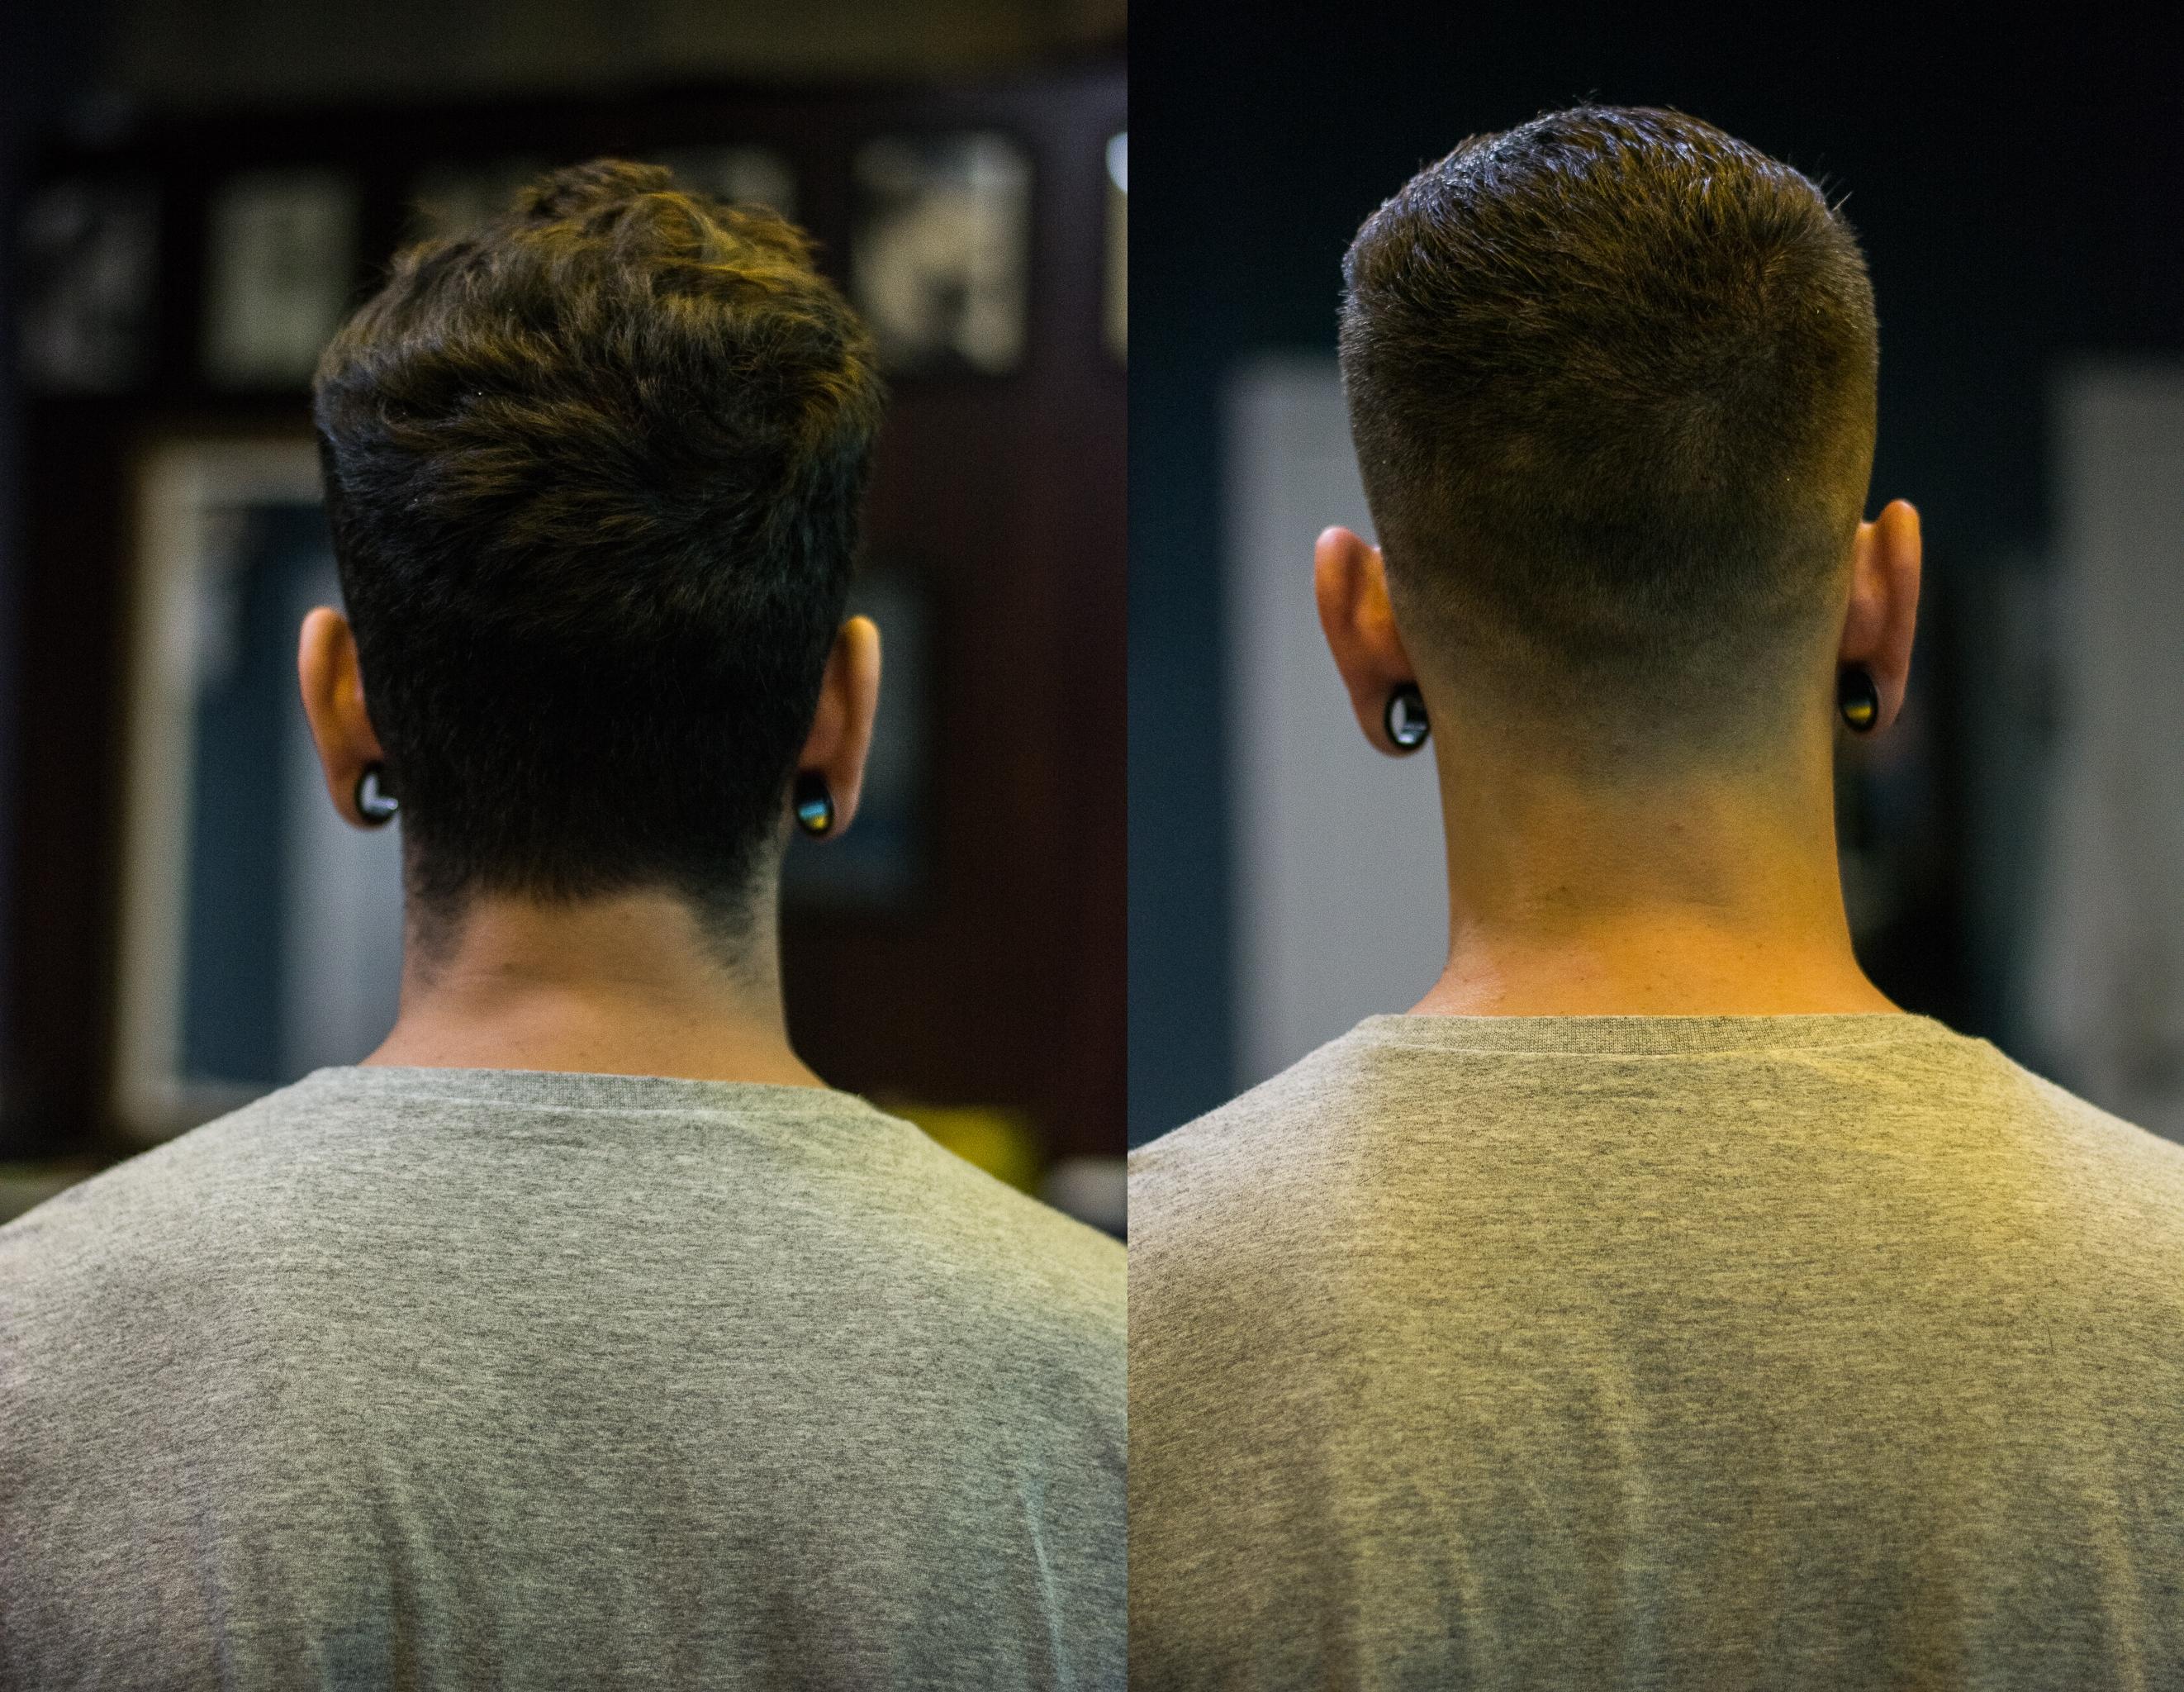 corte de cabelo militar, corte de cabelo fade, corte fade, corte disfarçado, corte masculino 2017, haircut for men 2017, corte 2017, new militar hairstyle, tutorial, barbeiro, (4)